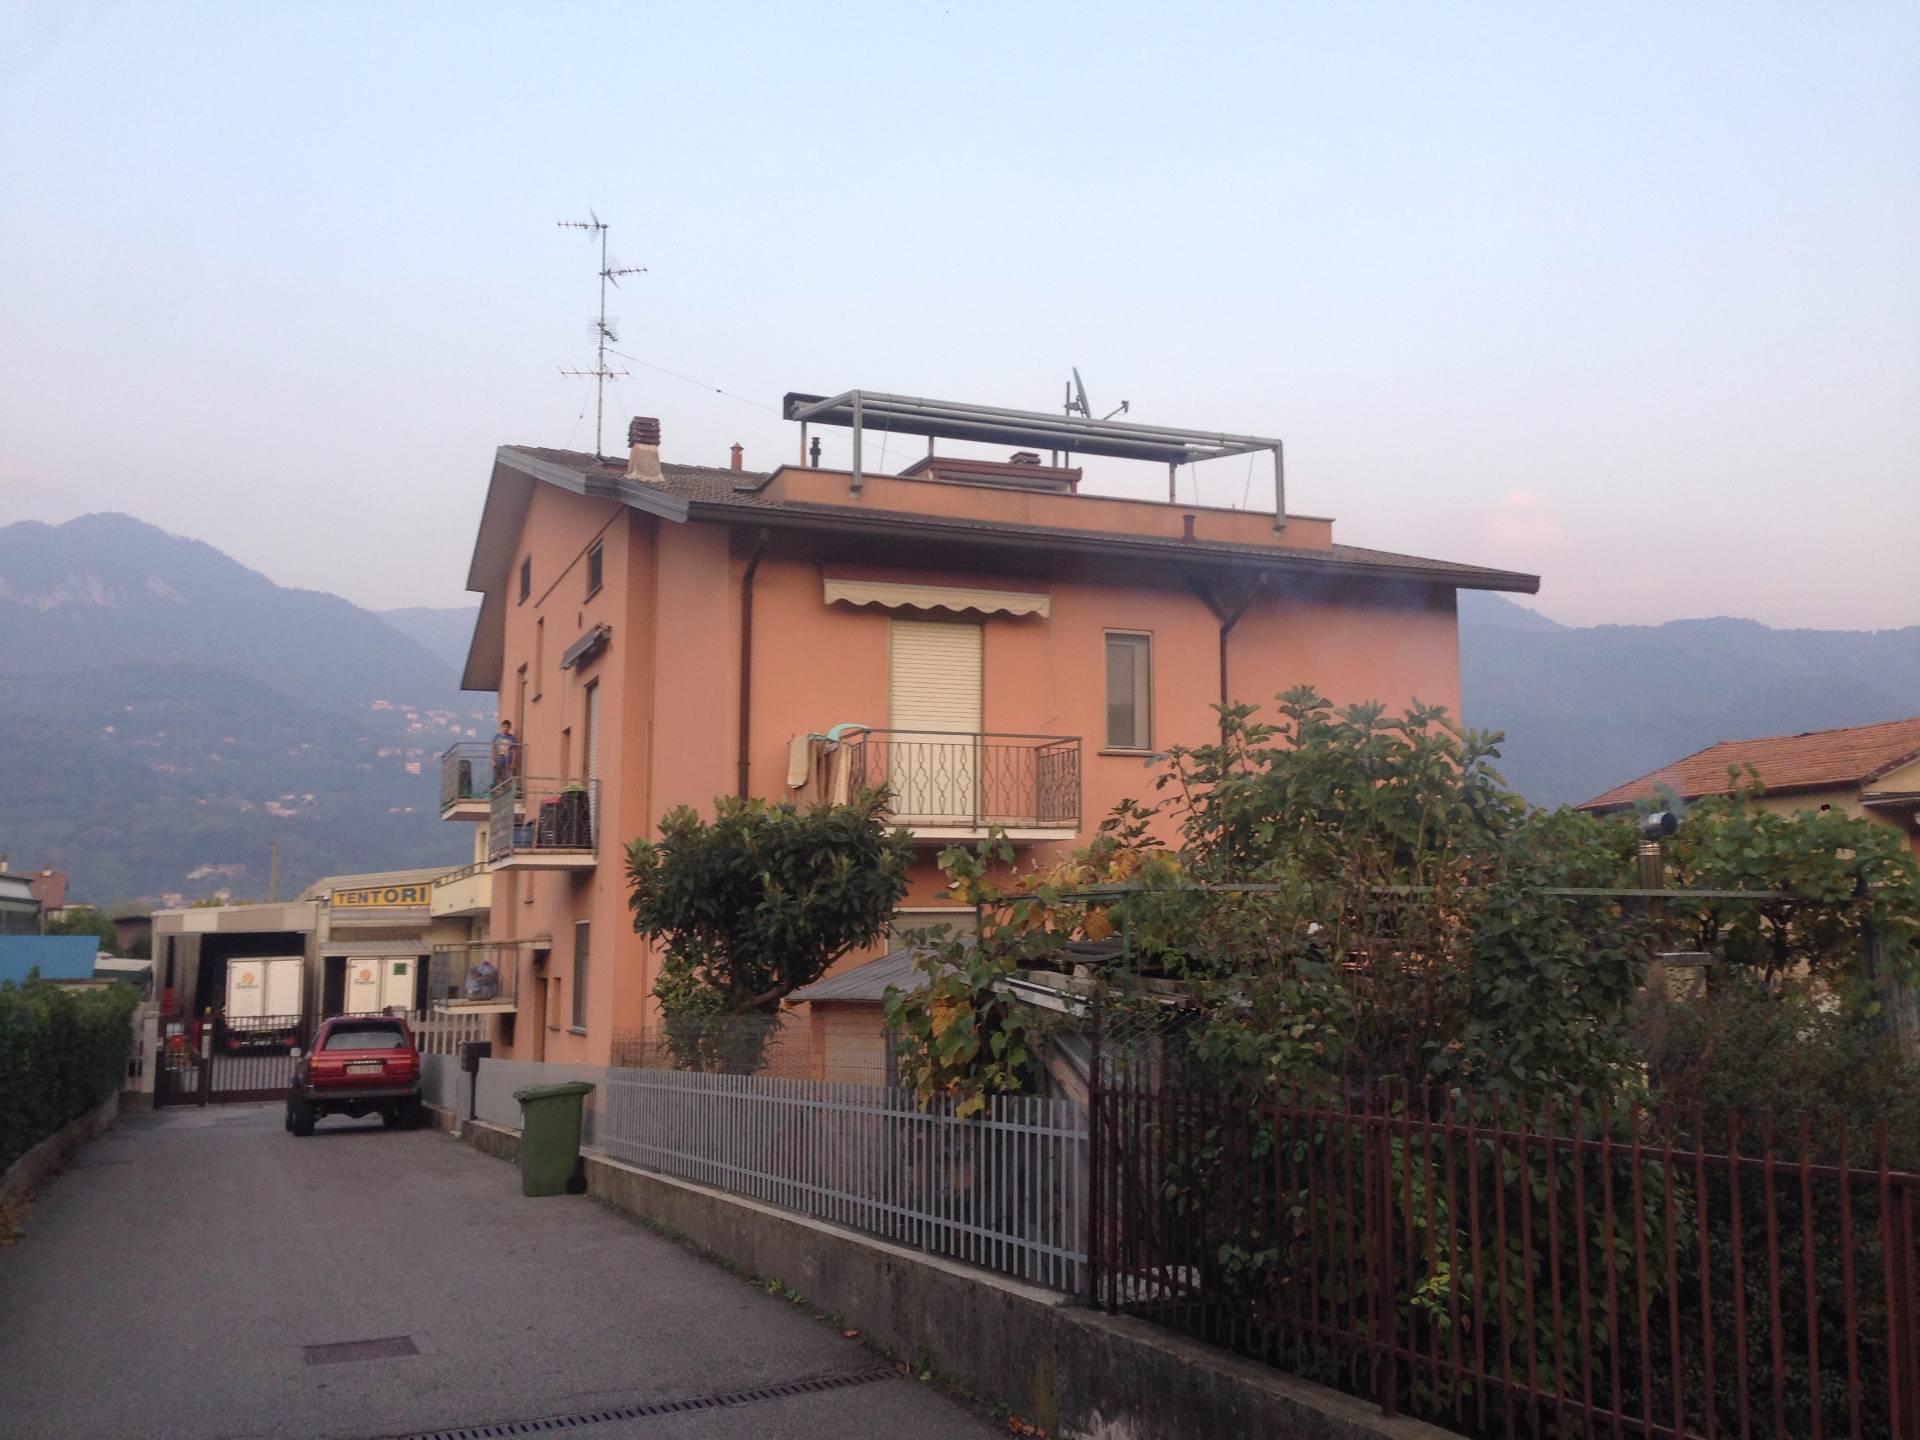 Attico / Mansarda in vendita a Olginate, 3 locali, prezzo € 70.000 | CambioCasa.it